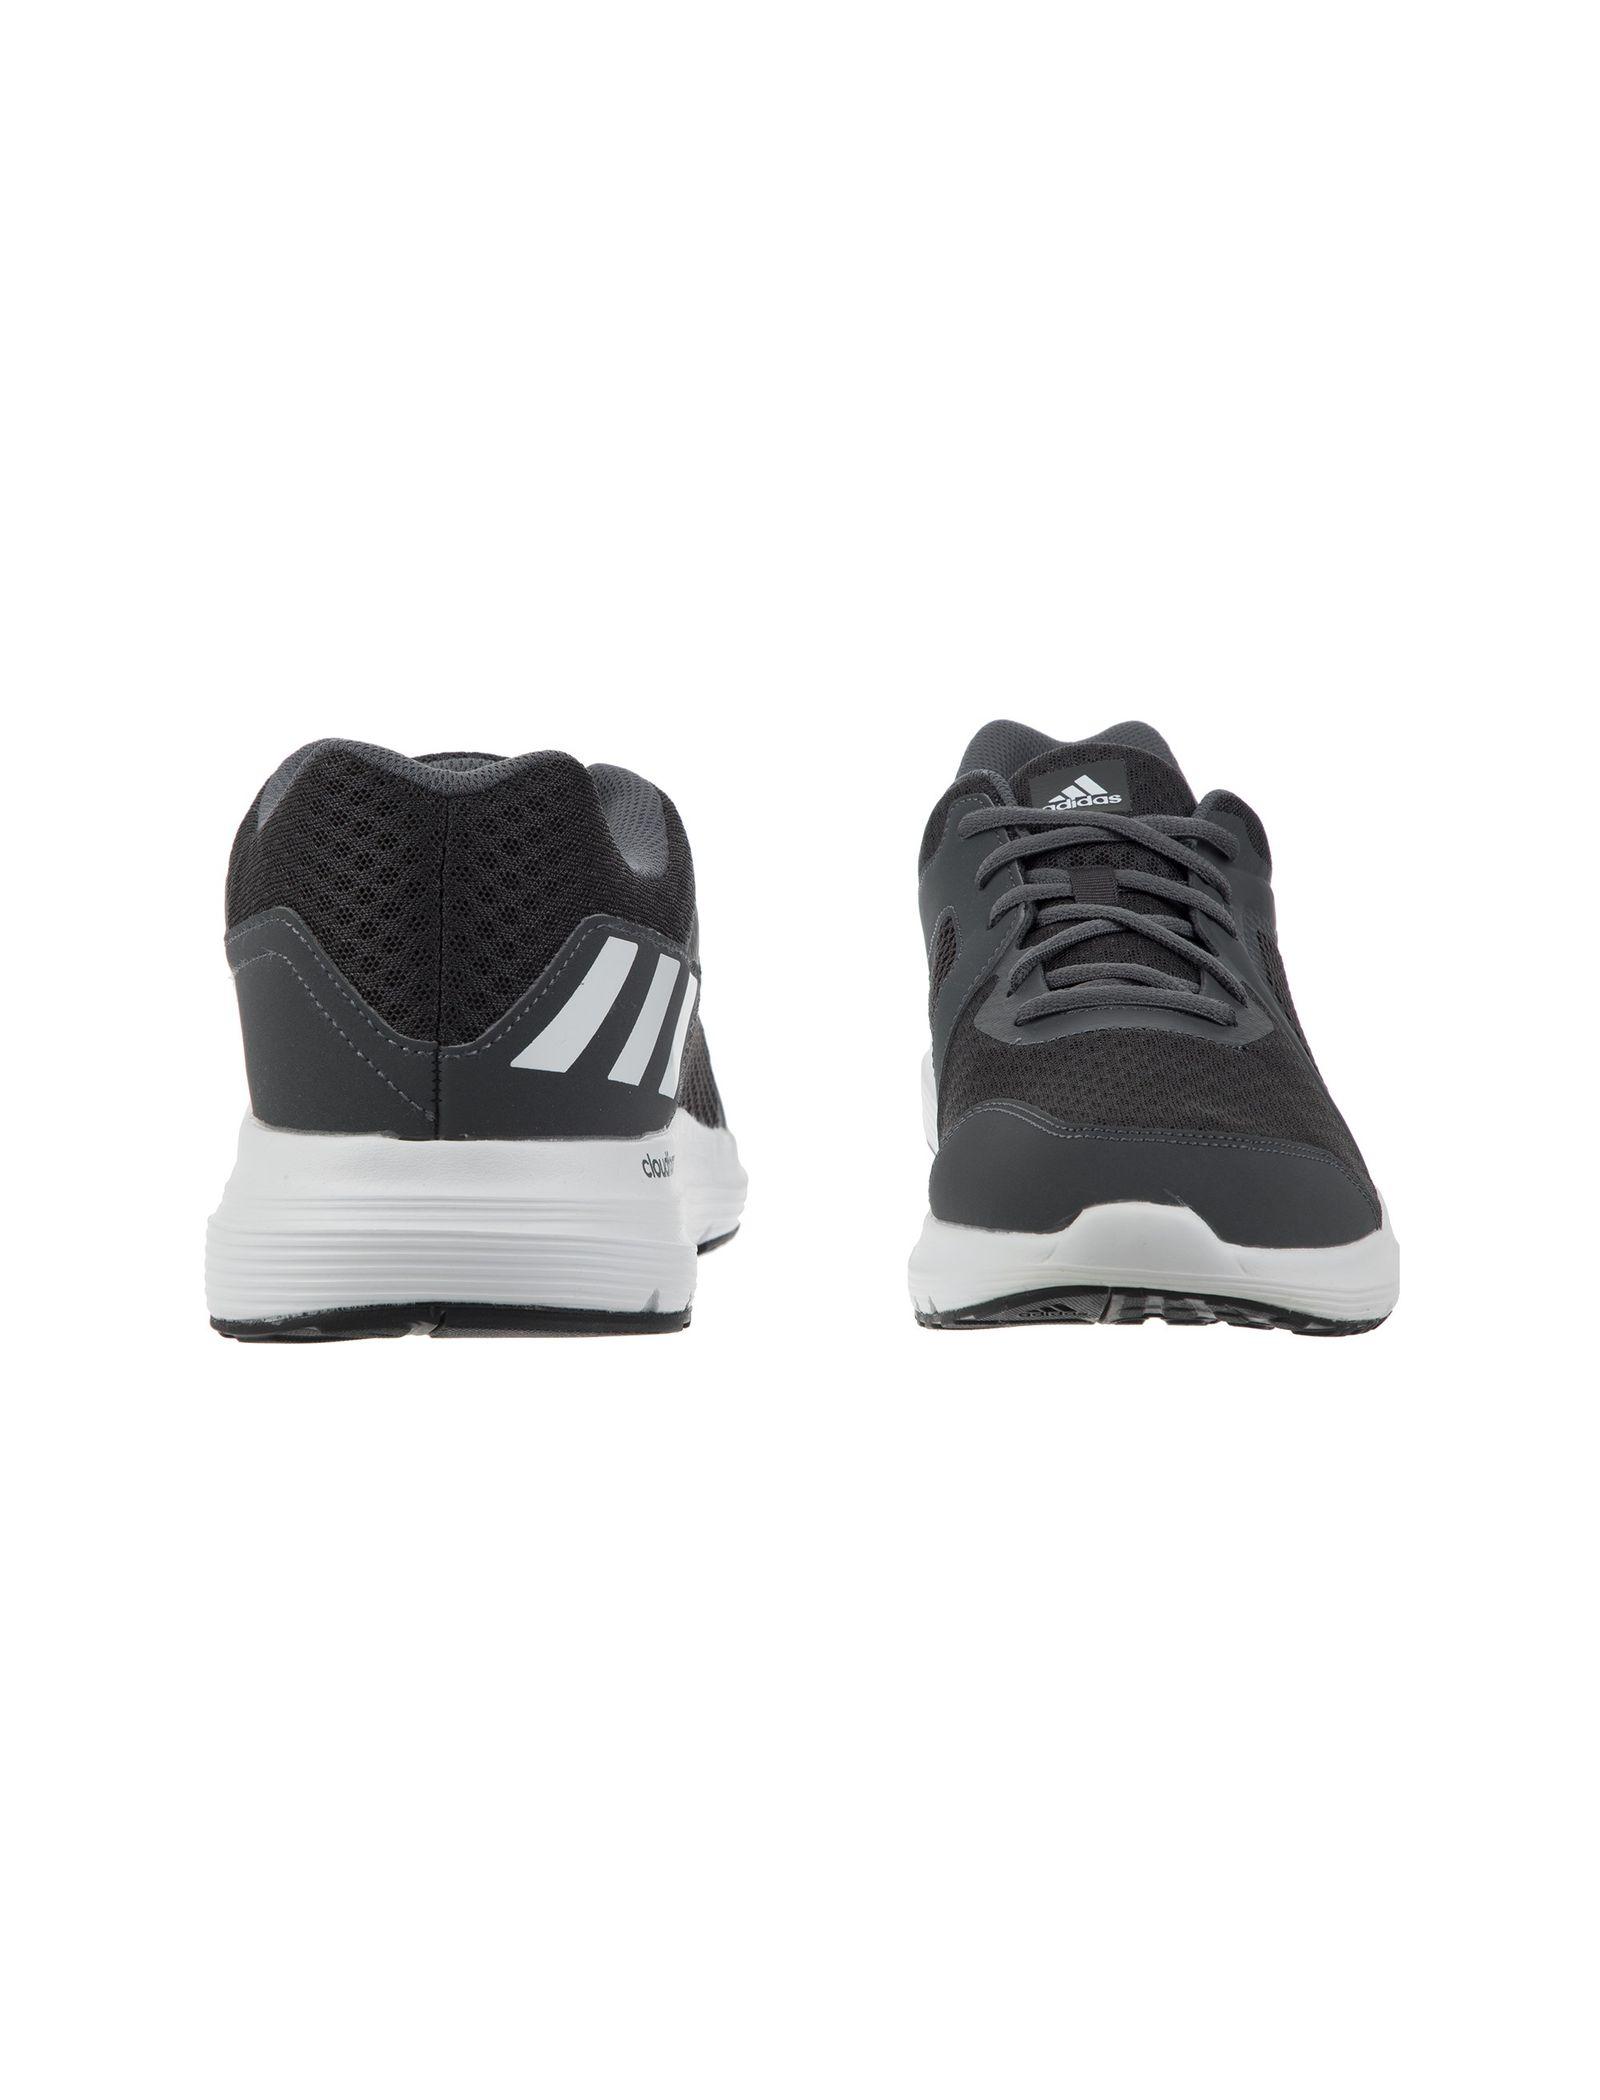 کفش دویدن بندی مردانه Galactic 2 - آدیداس - طوسي - 5